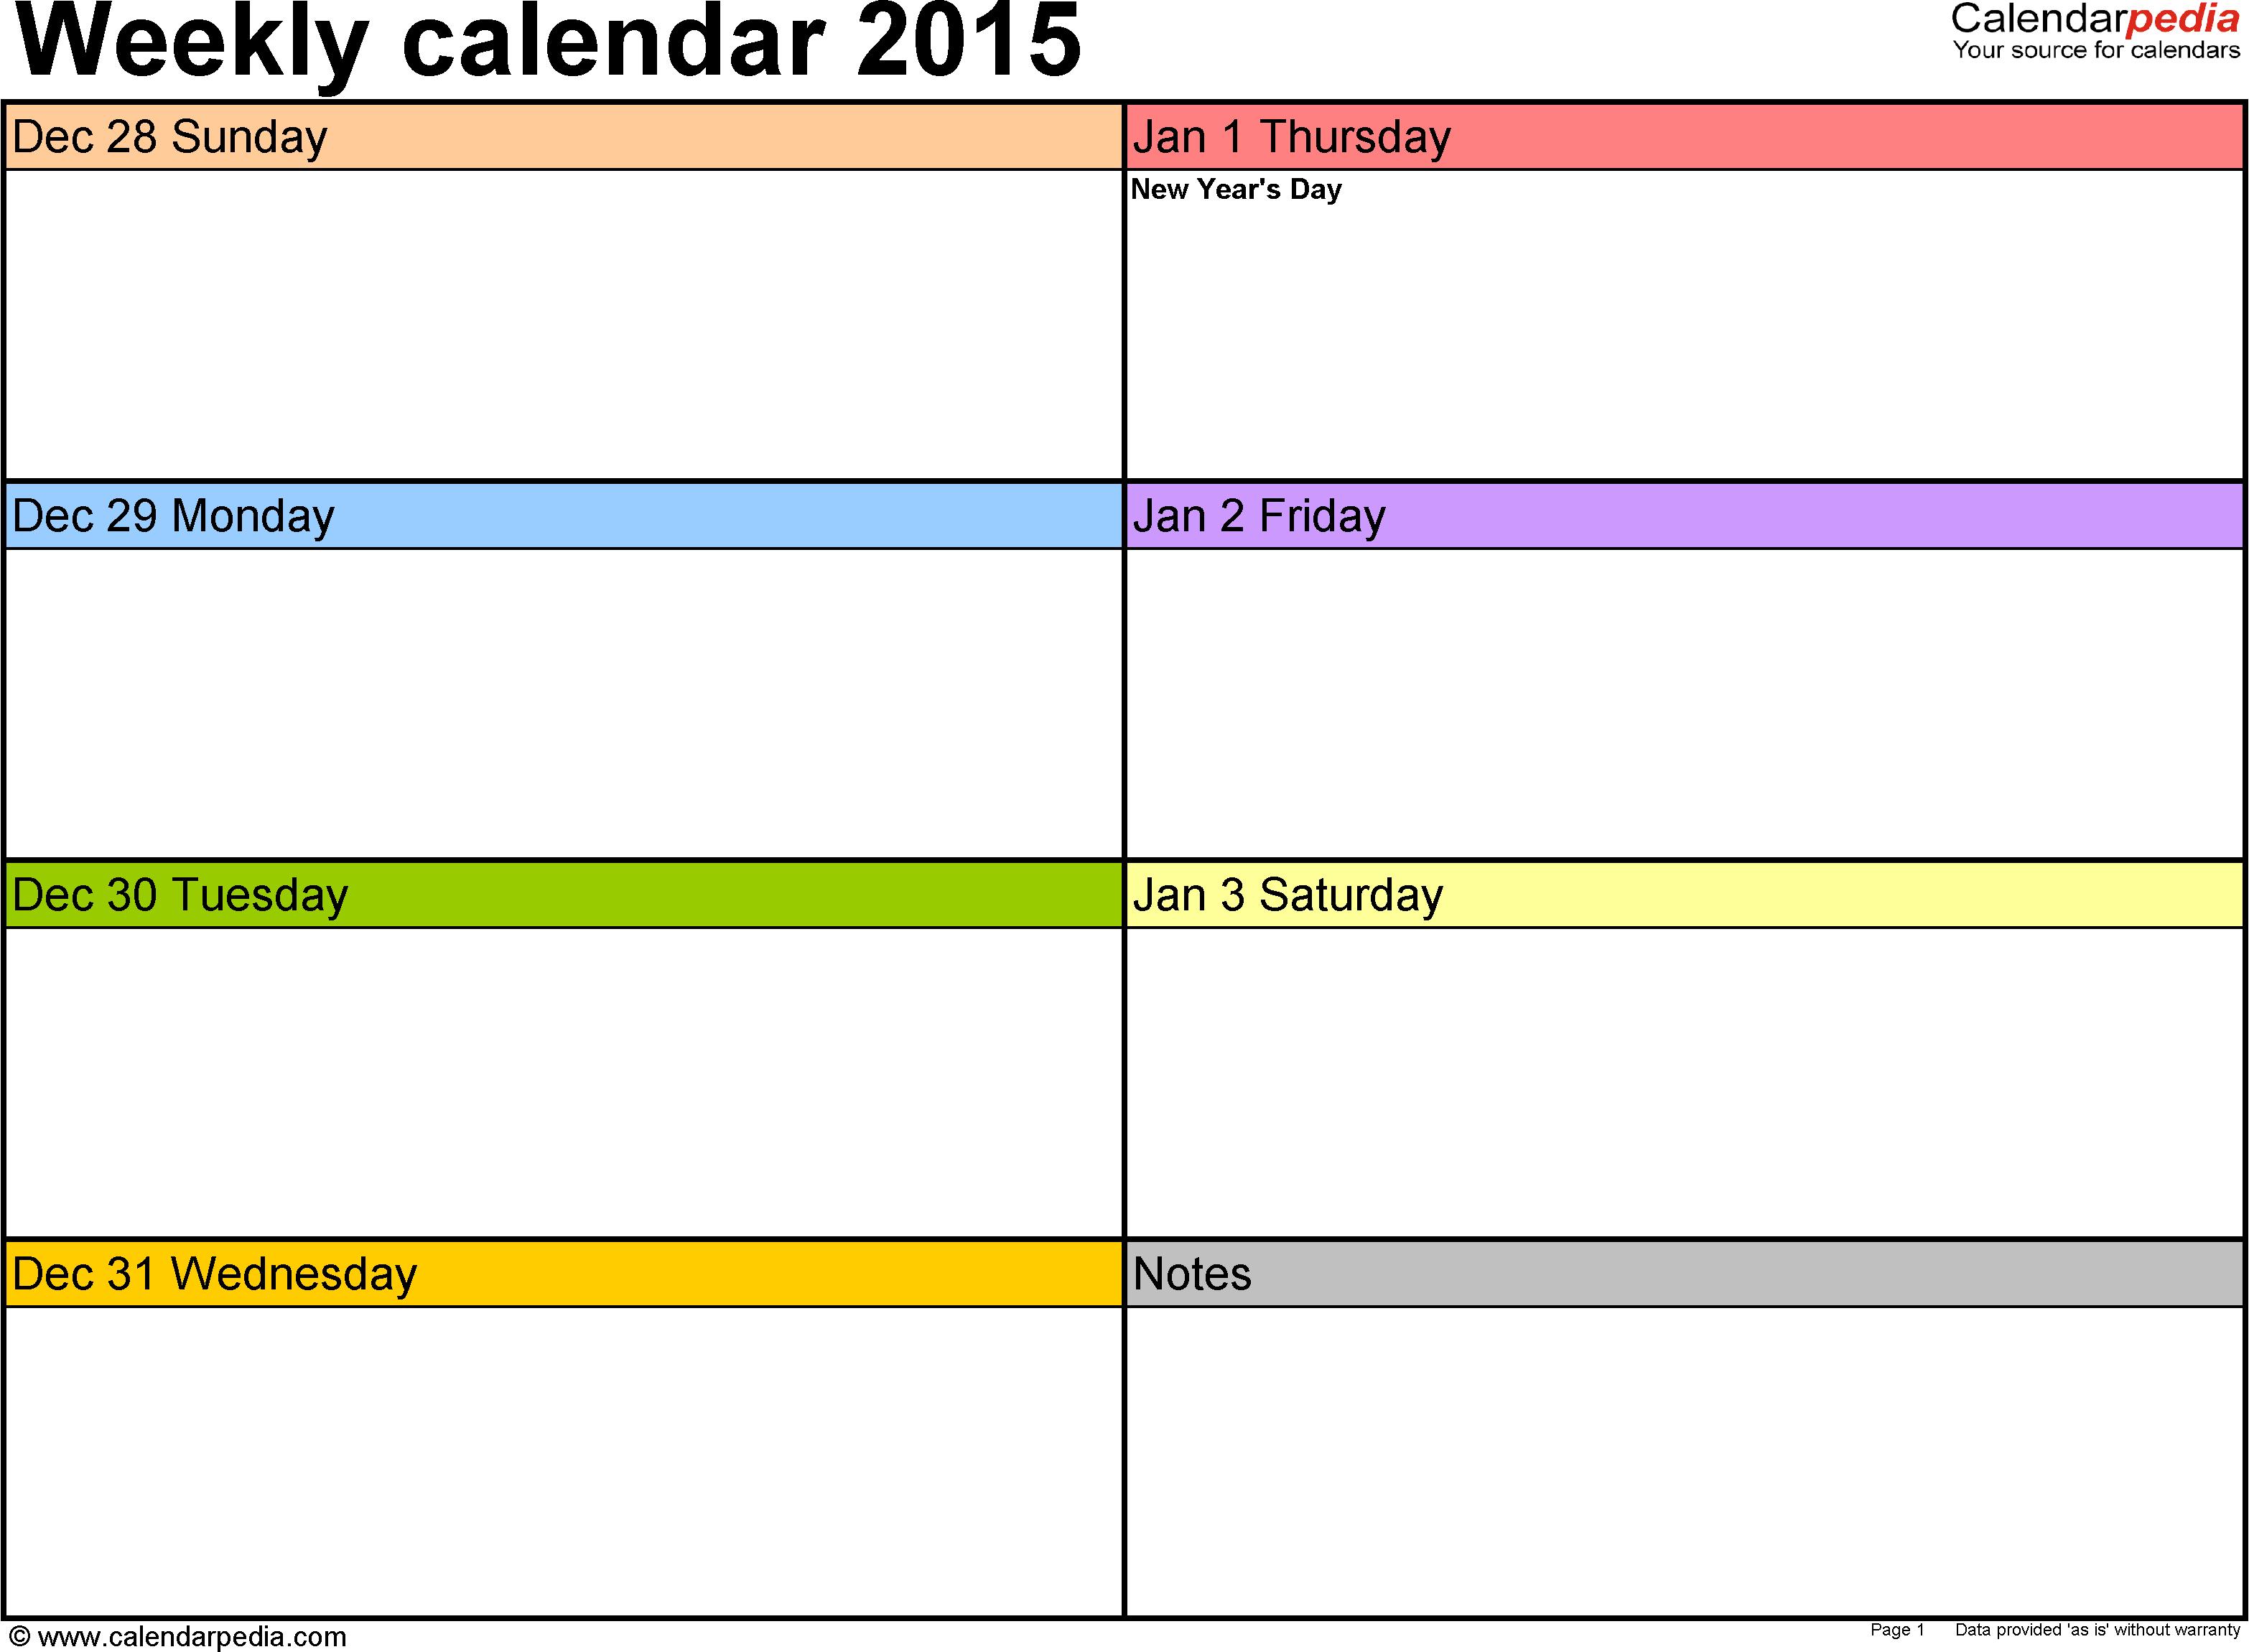 16 Week Blank Calendar Template Images - Printable Blank Weekly in One Week Blank Calendar Printable